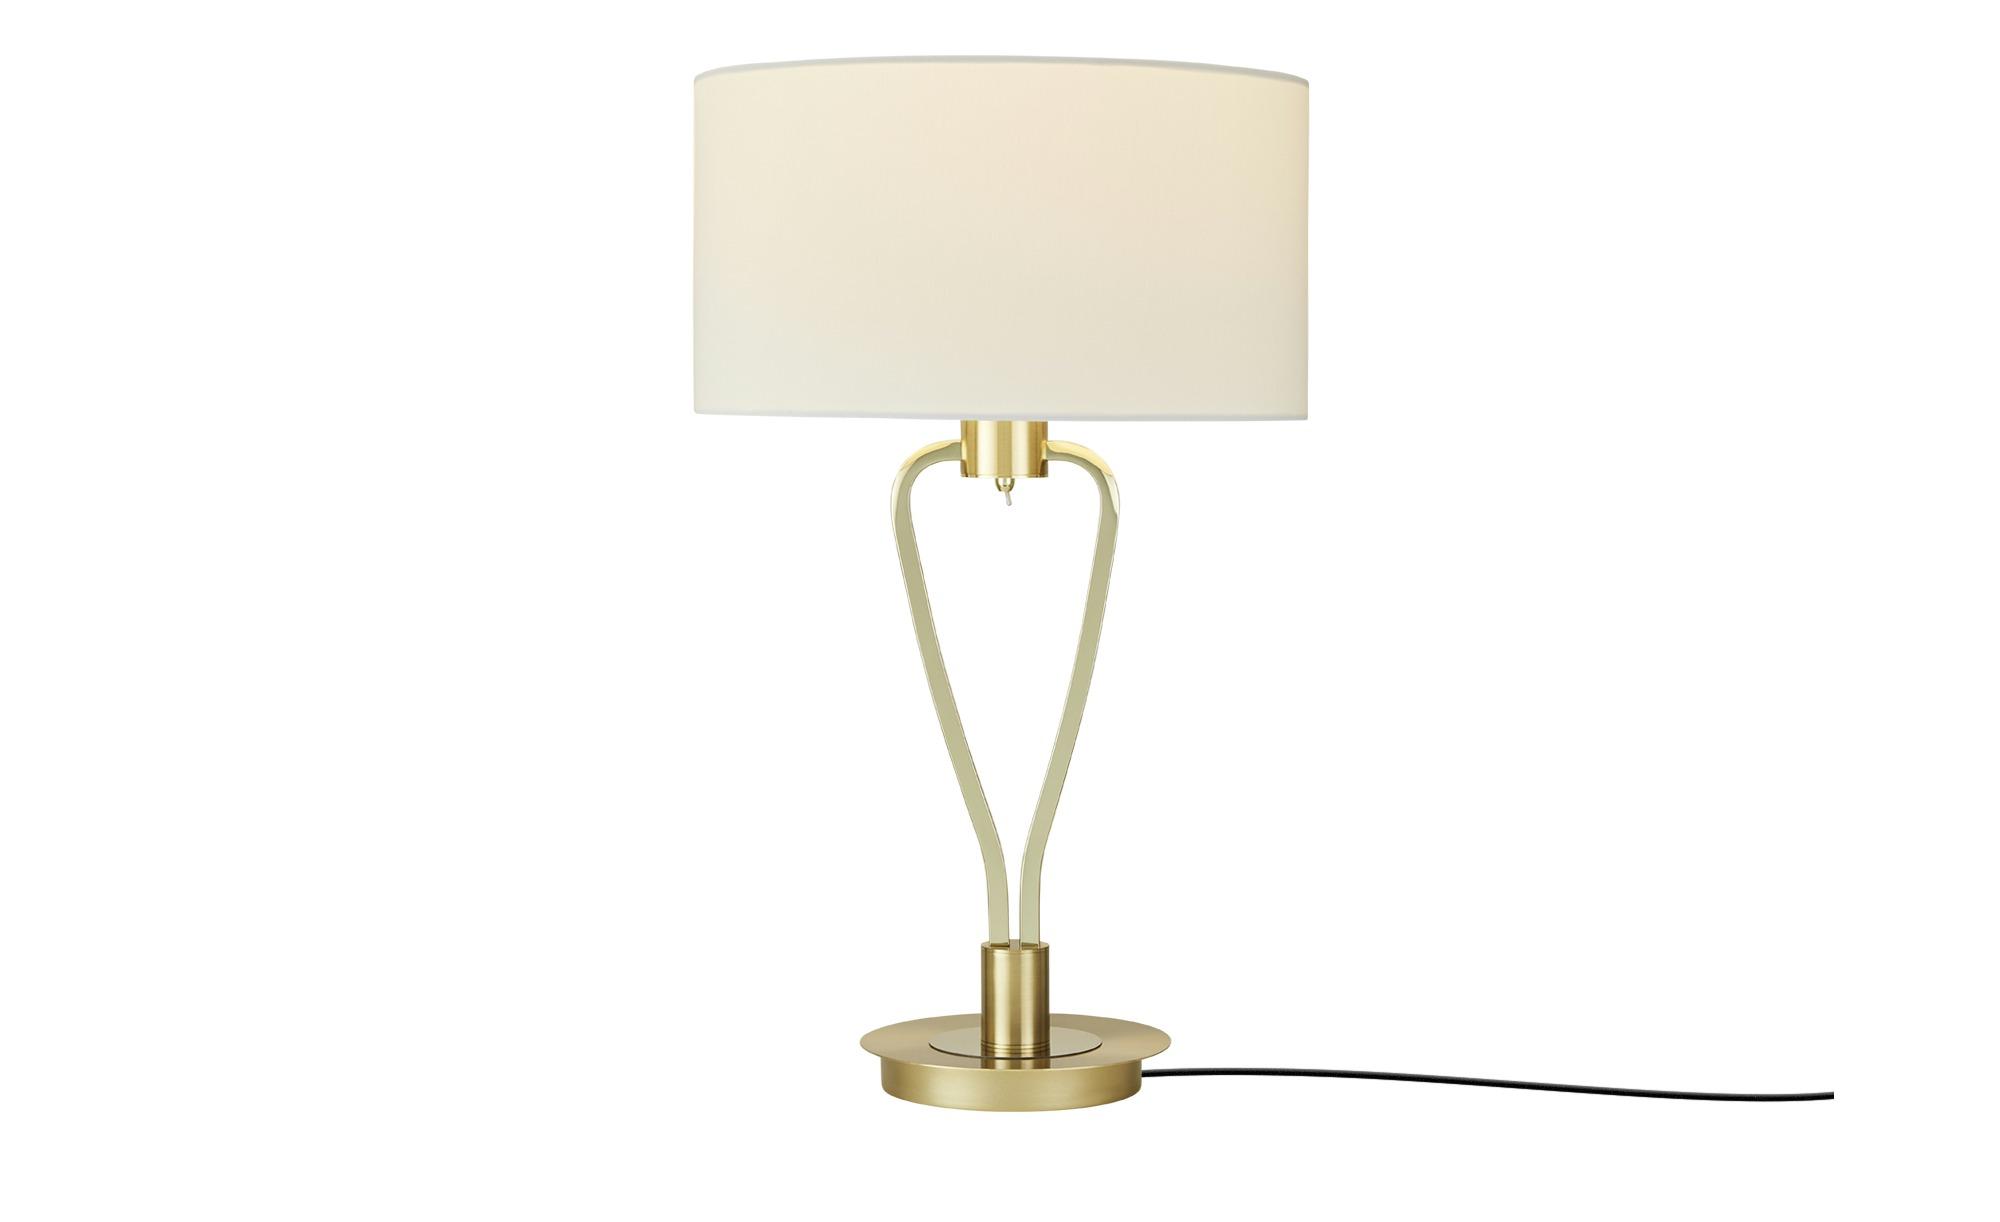 Tischleuchte, 1-flammig, Weiß ¦ gold ¦ Maße (cm): H: 58 Ø: [35.0] Lampen & Leuchten > Innenleuchten > Tischlampen - Höffner